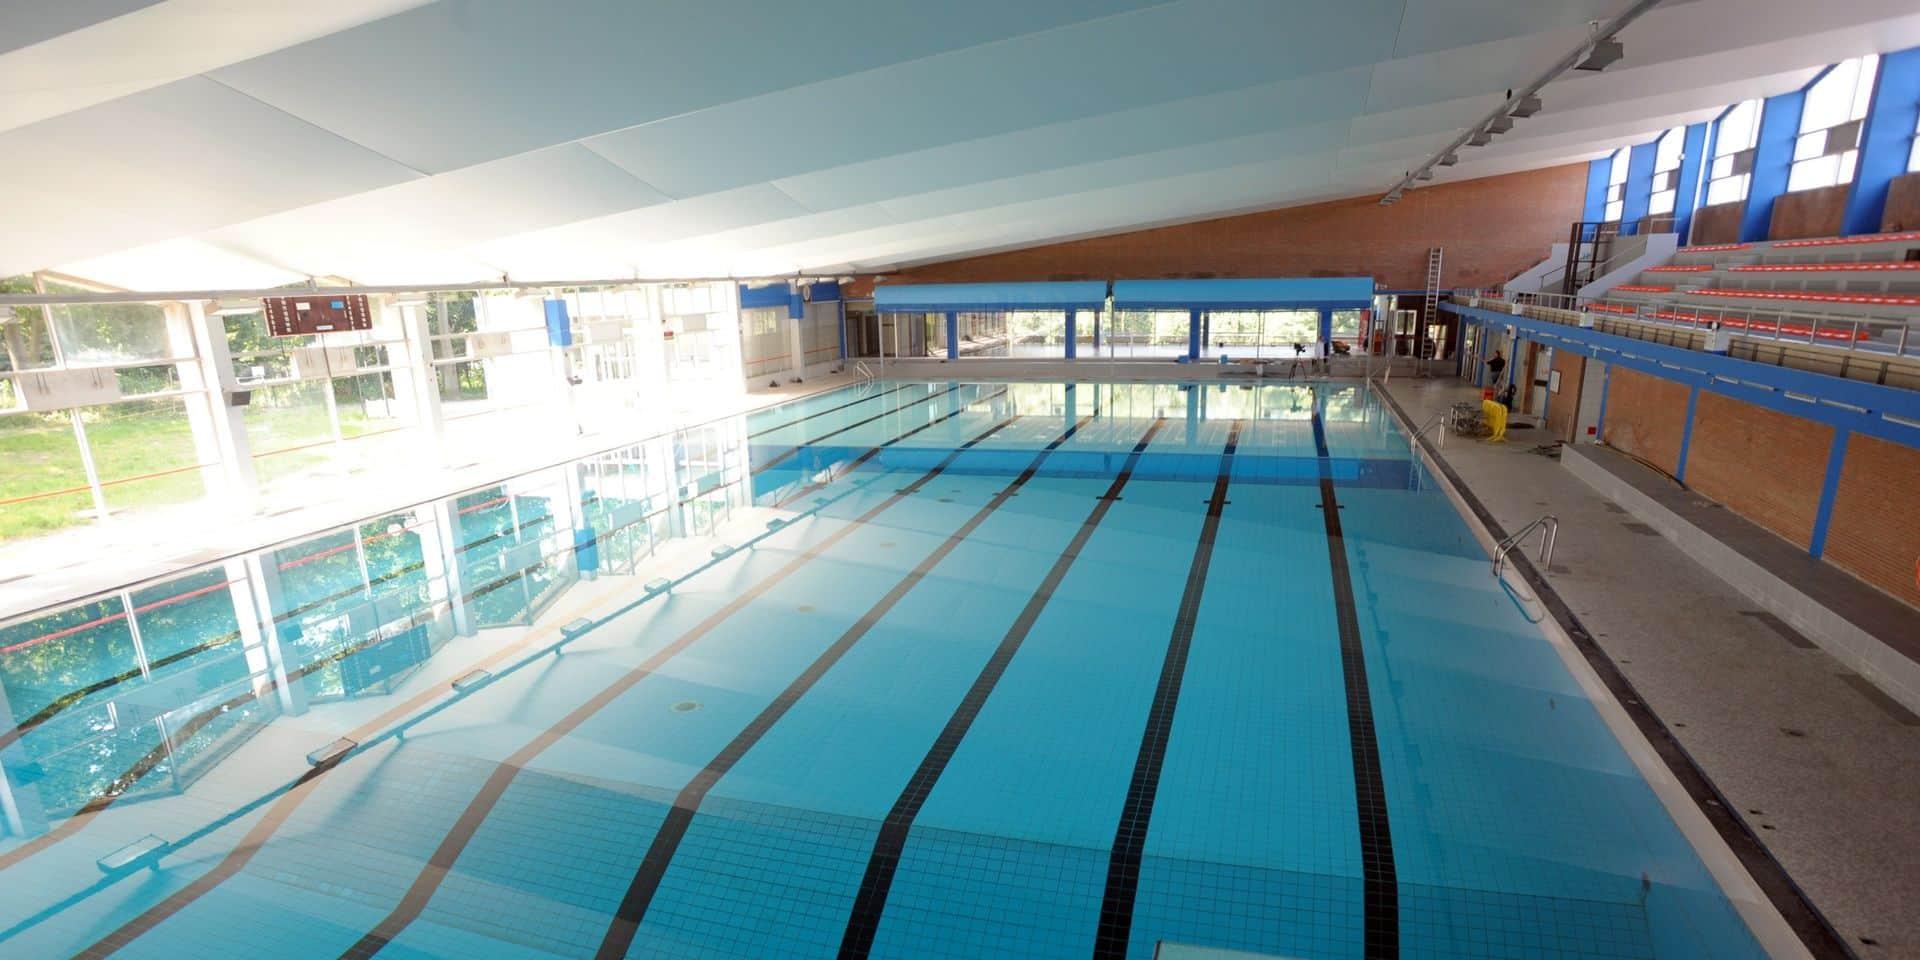 Les fédérations de natation demandent aux ministres des sports la réouverture des piscines